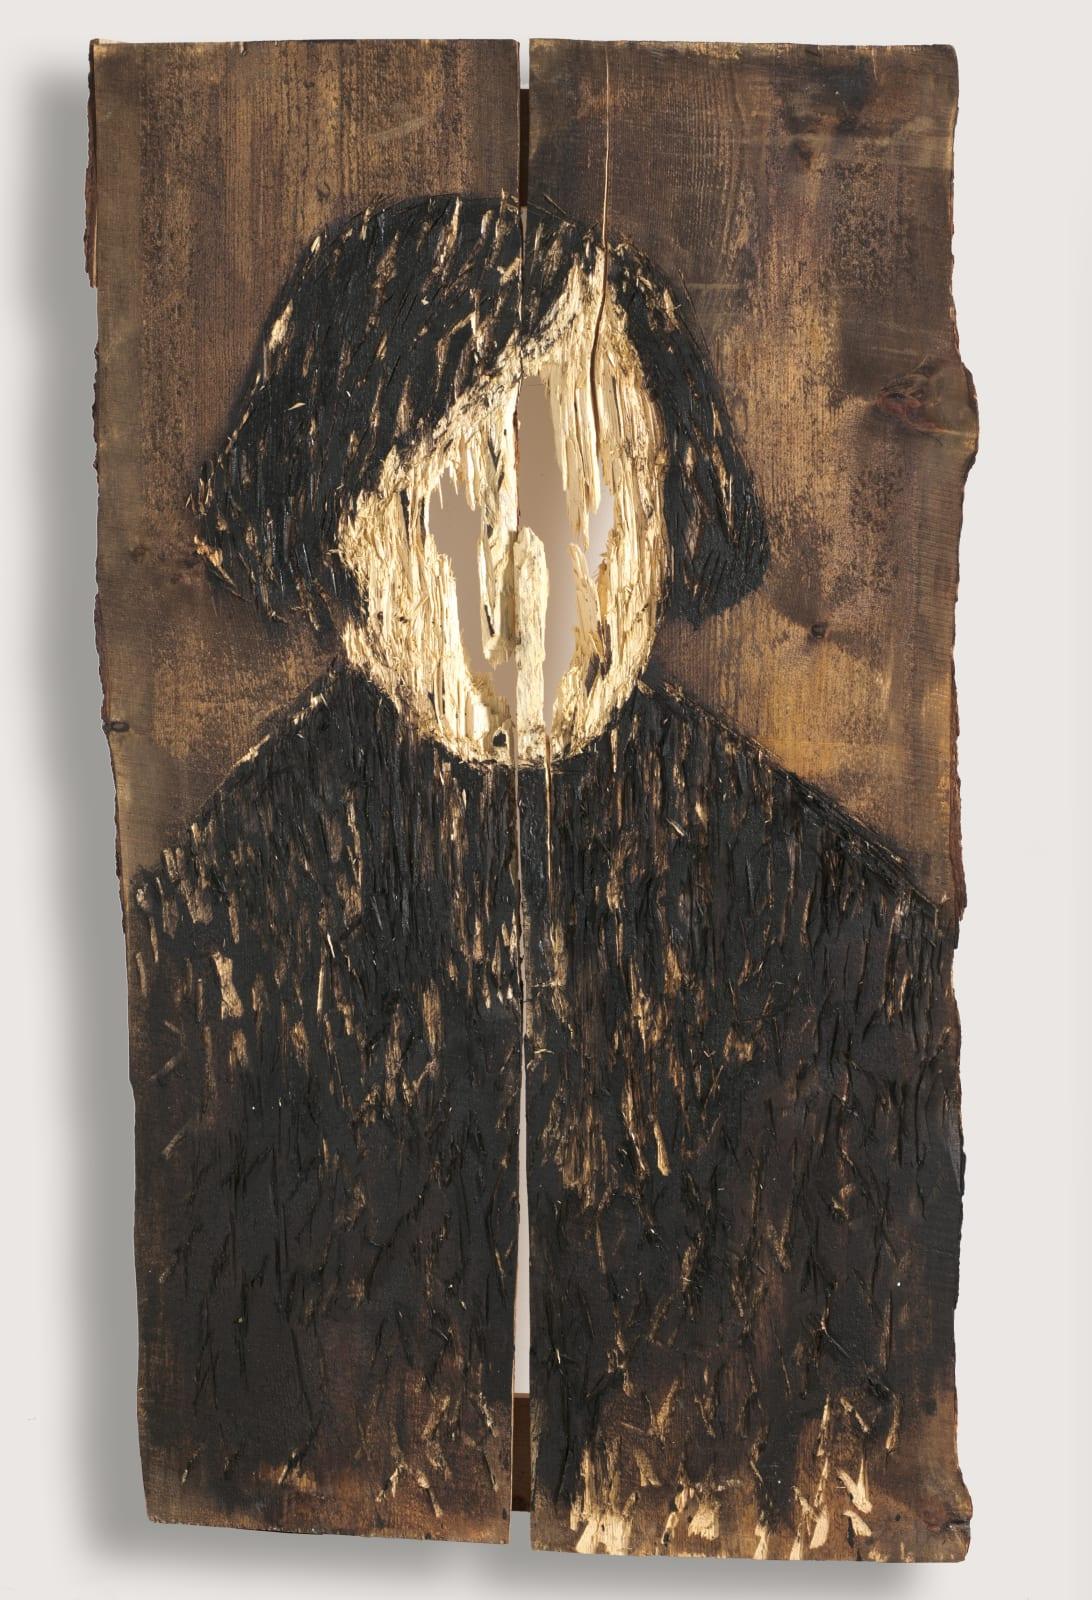 Nestor Engelke Wooden portrait of Nikolay Gogol from the series